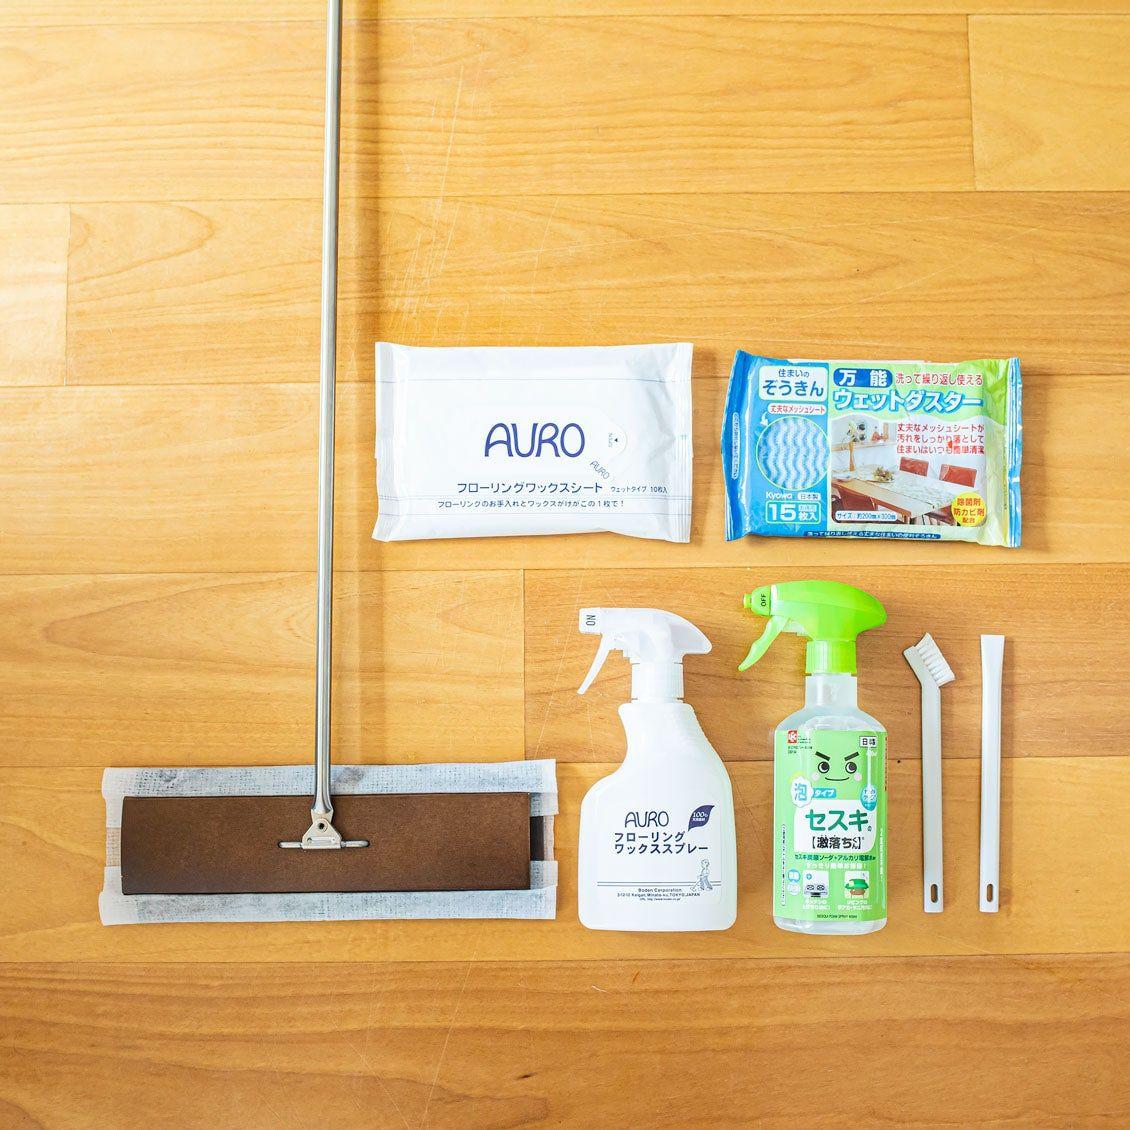 フローリング掃除のツボ 保存版 気になる汚れの落とし方や 賃貸でもできるワックスがけ 掃除 北欧暮らしの道具店 掃除の裏技